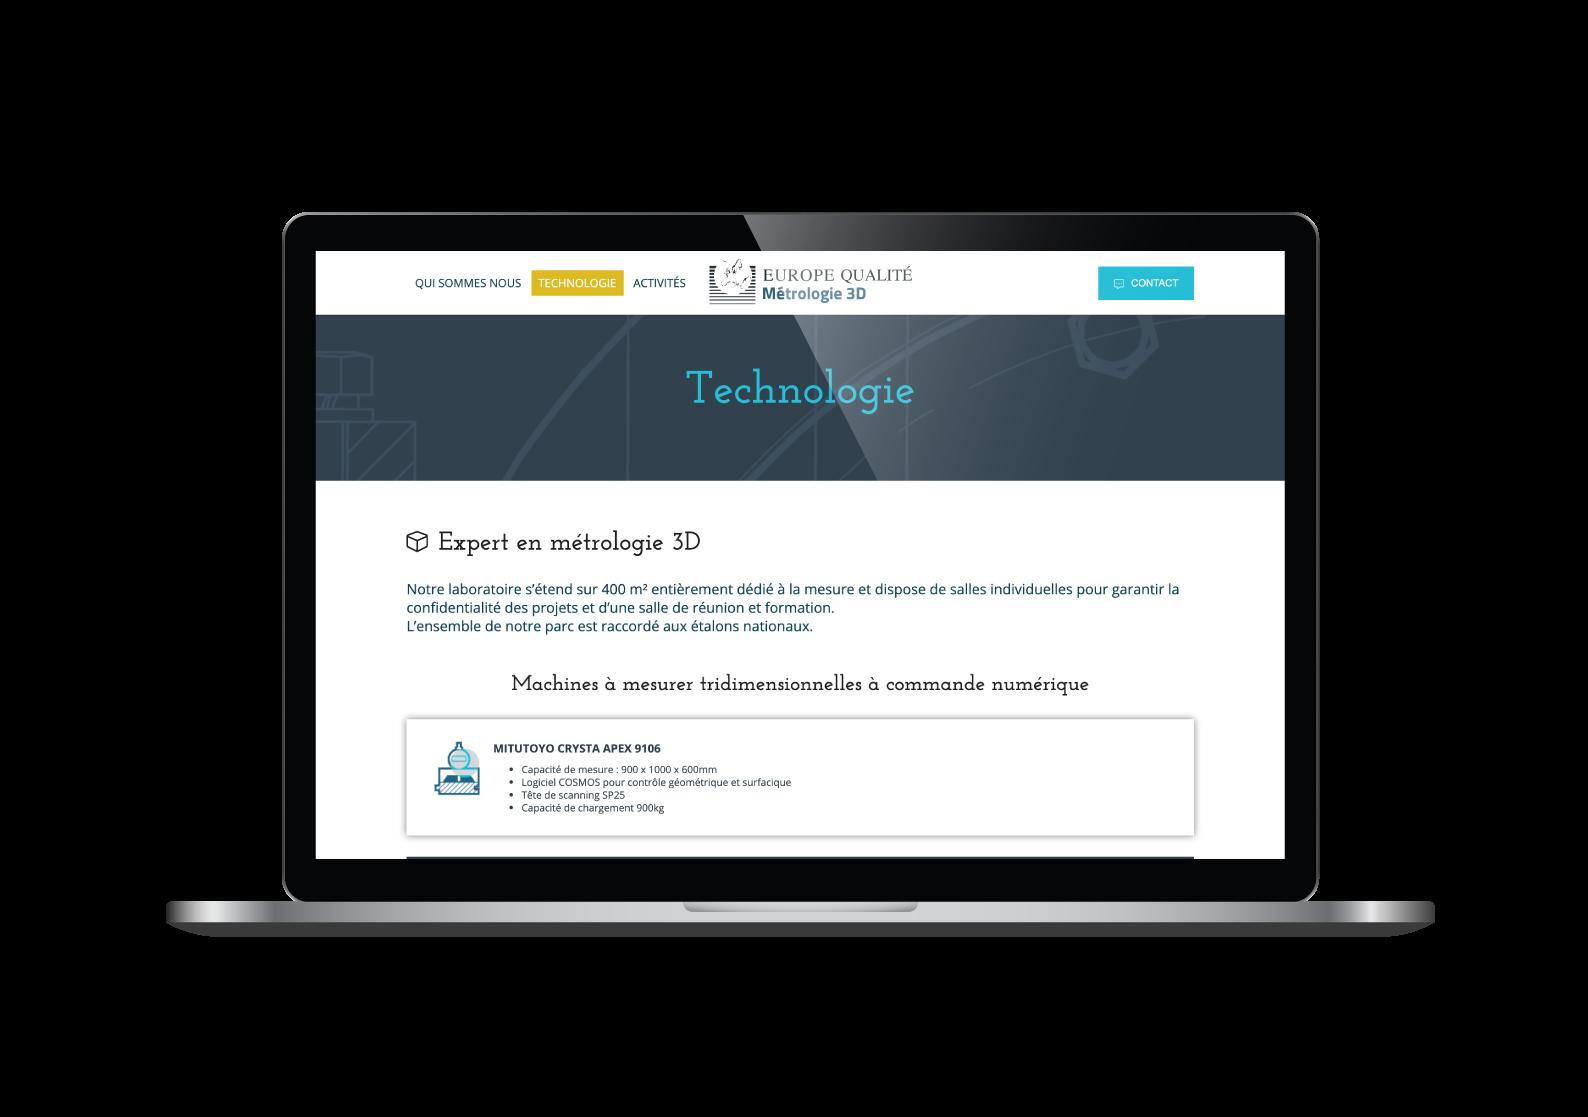 Page technologie du site internet Europe Qualité designé par MADMINT